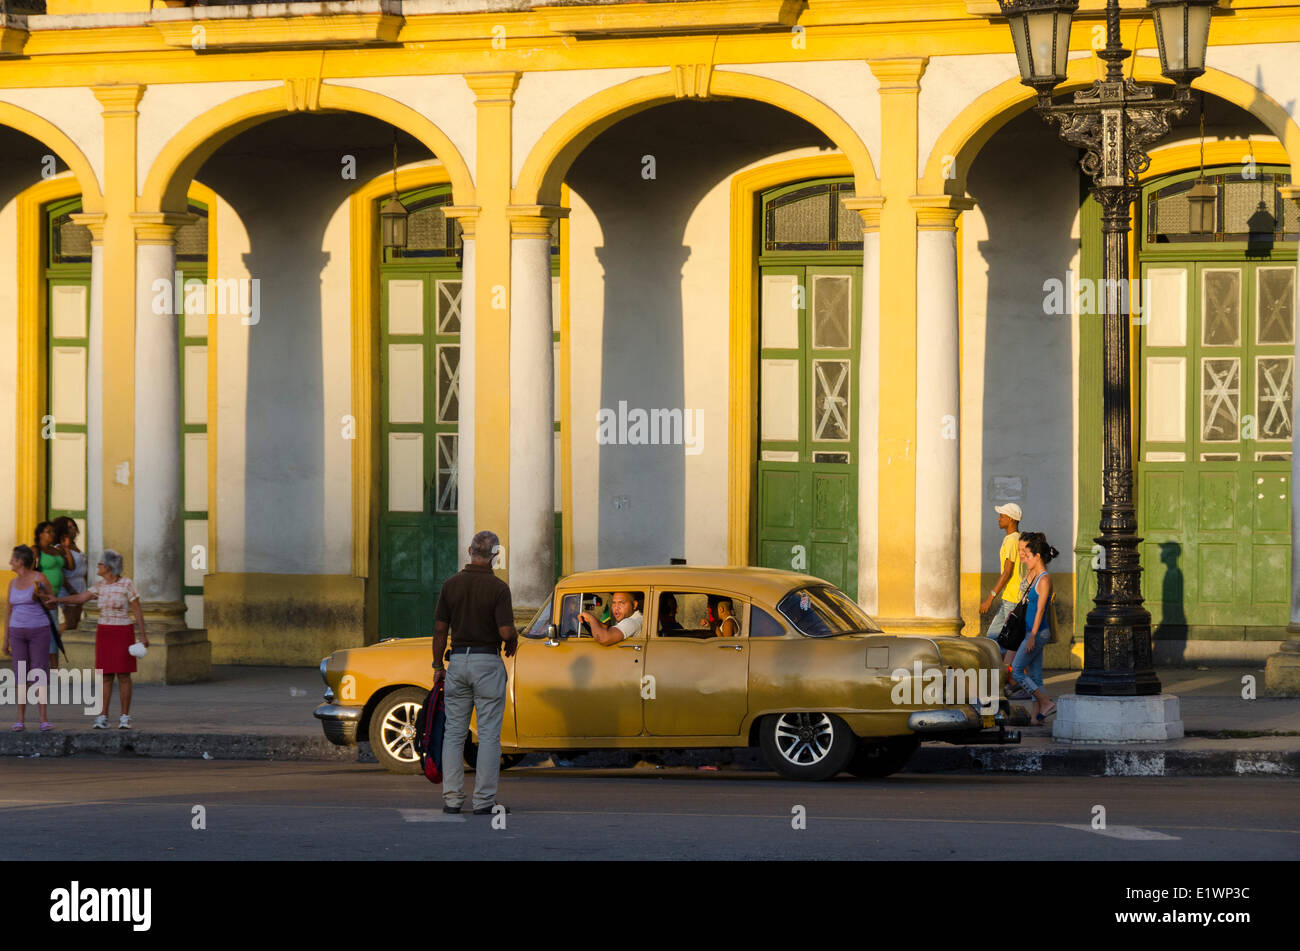 Street scene with old car, Havana, Cuba - Stock Image